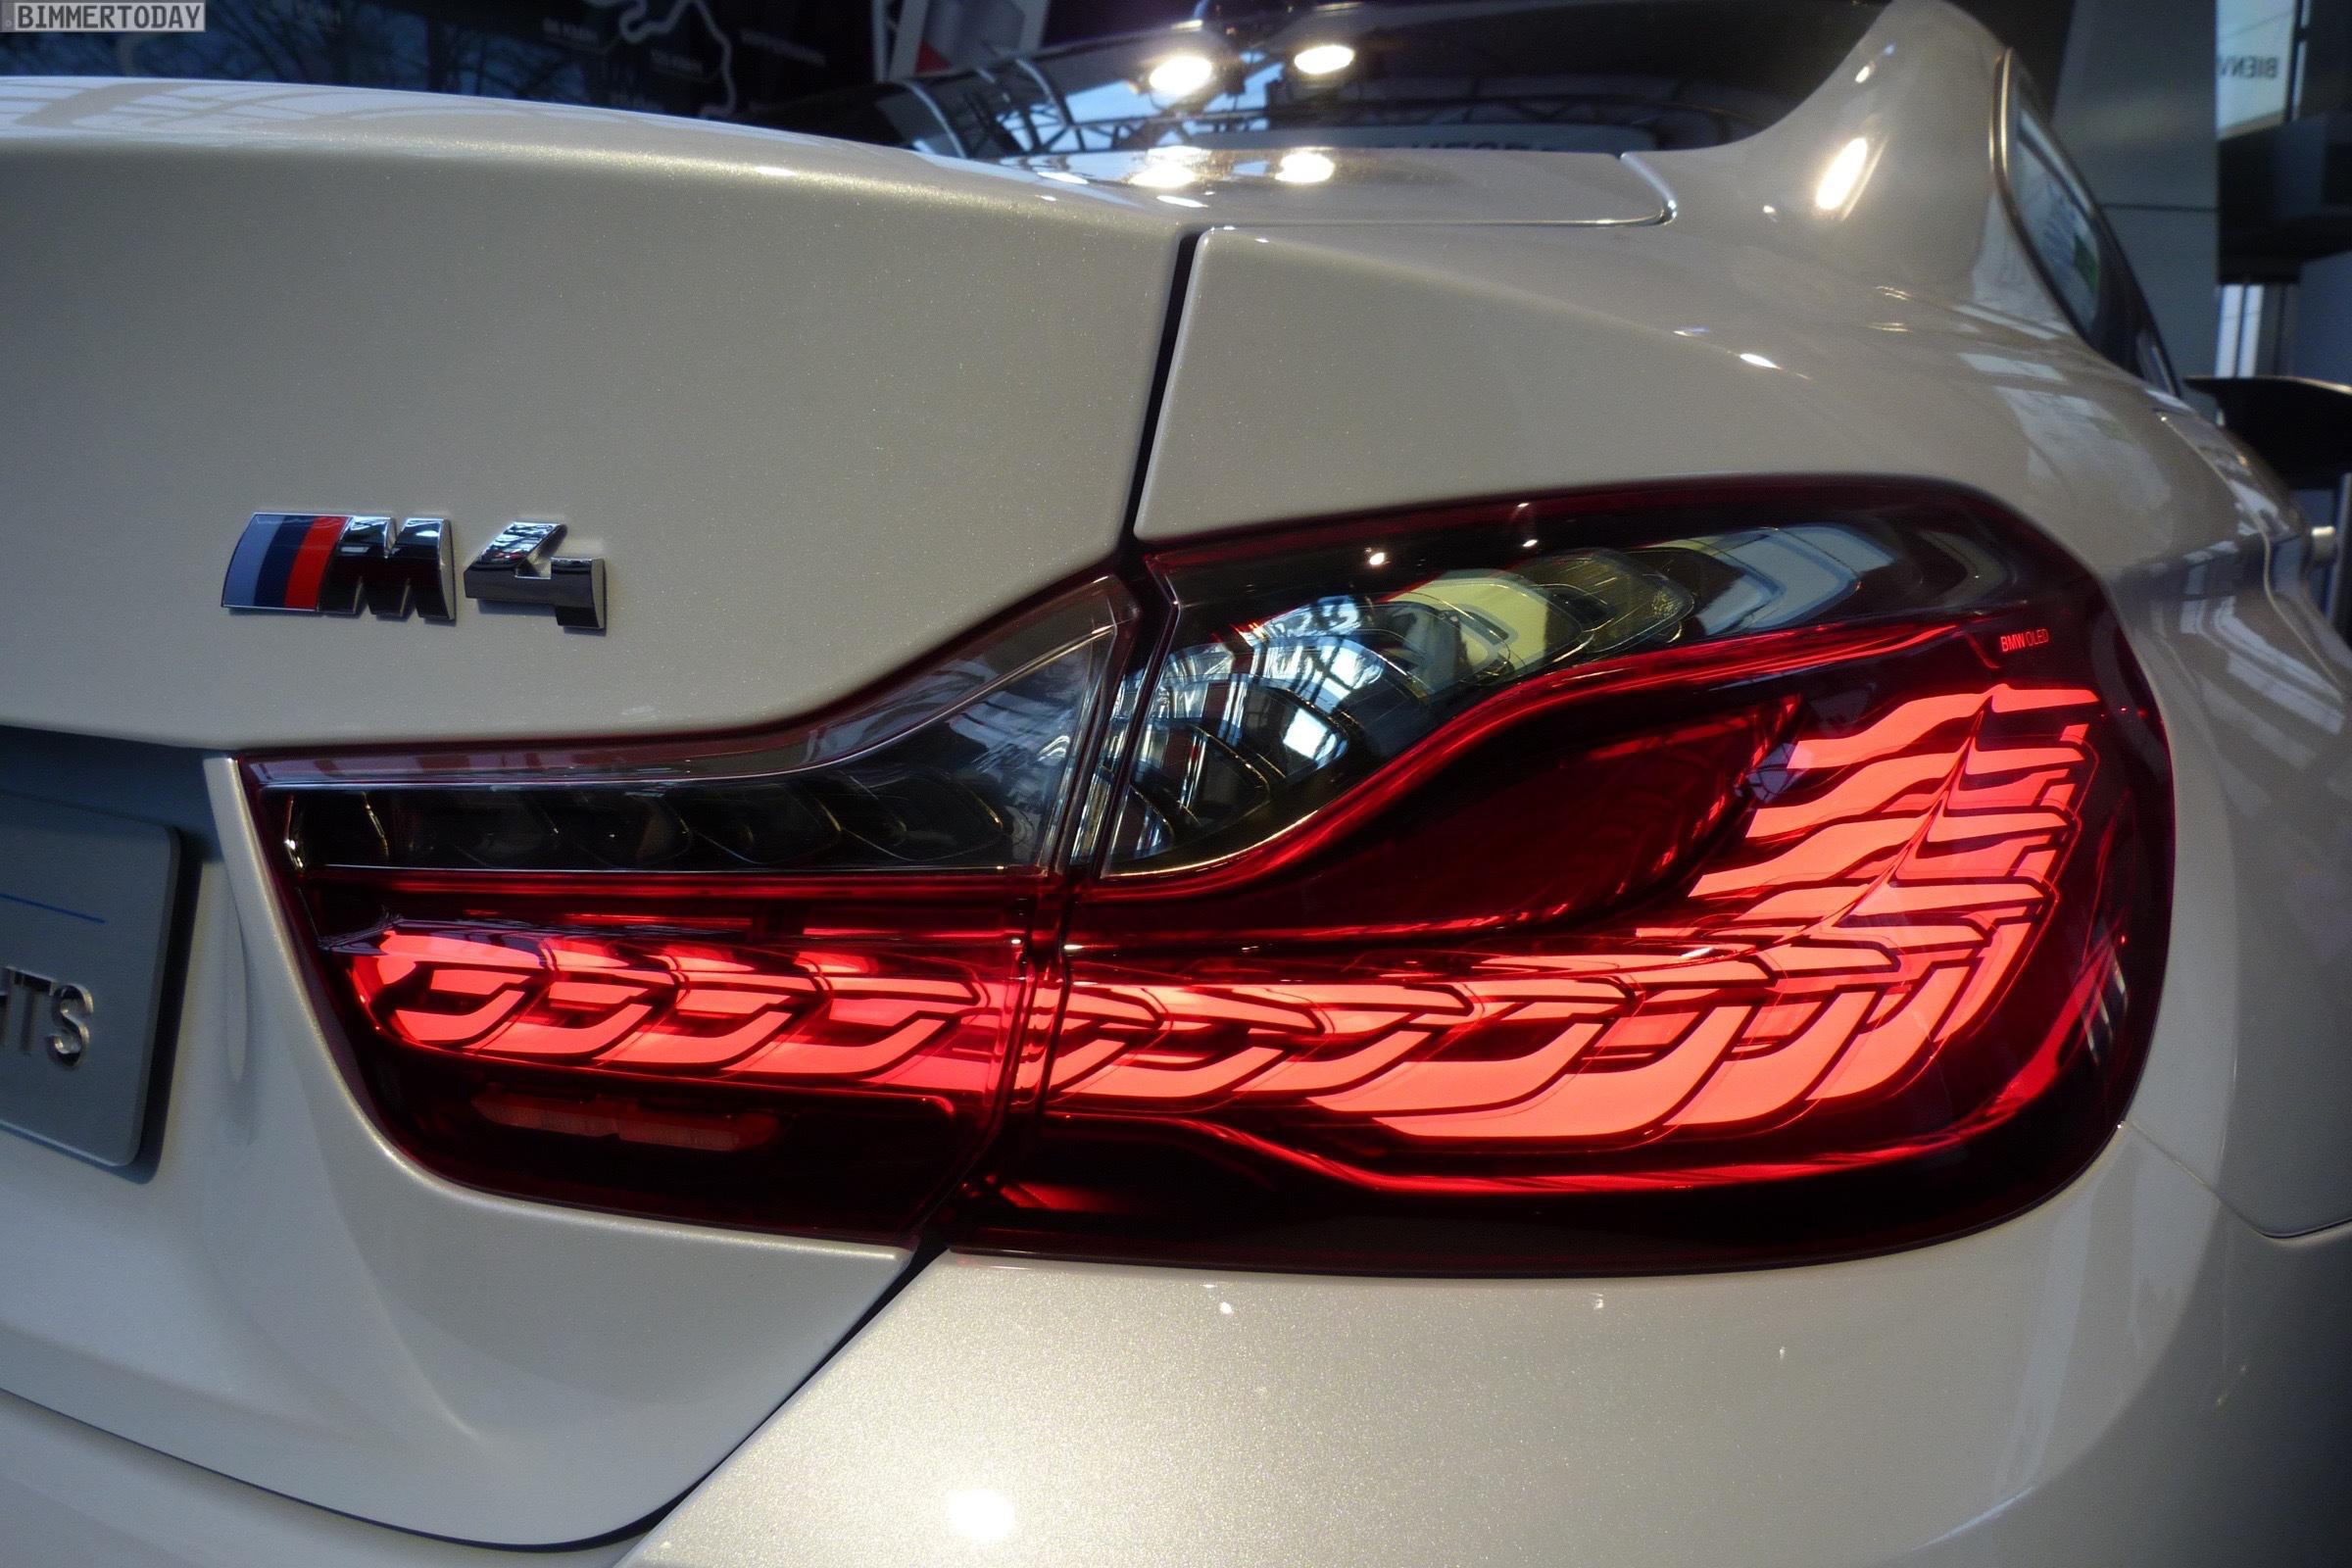 BMW M4 GTSに採用されているテールランプ有機LED(OLED)の国内予定価格が判明^^; – Evening ...